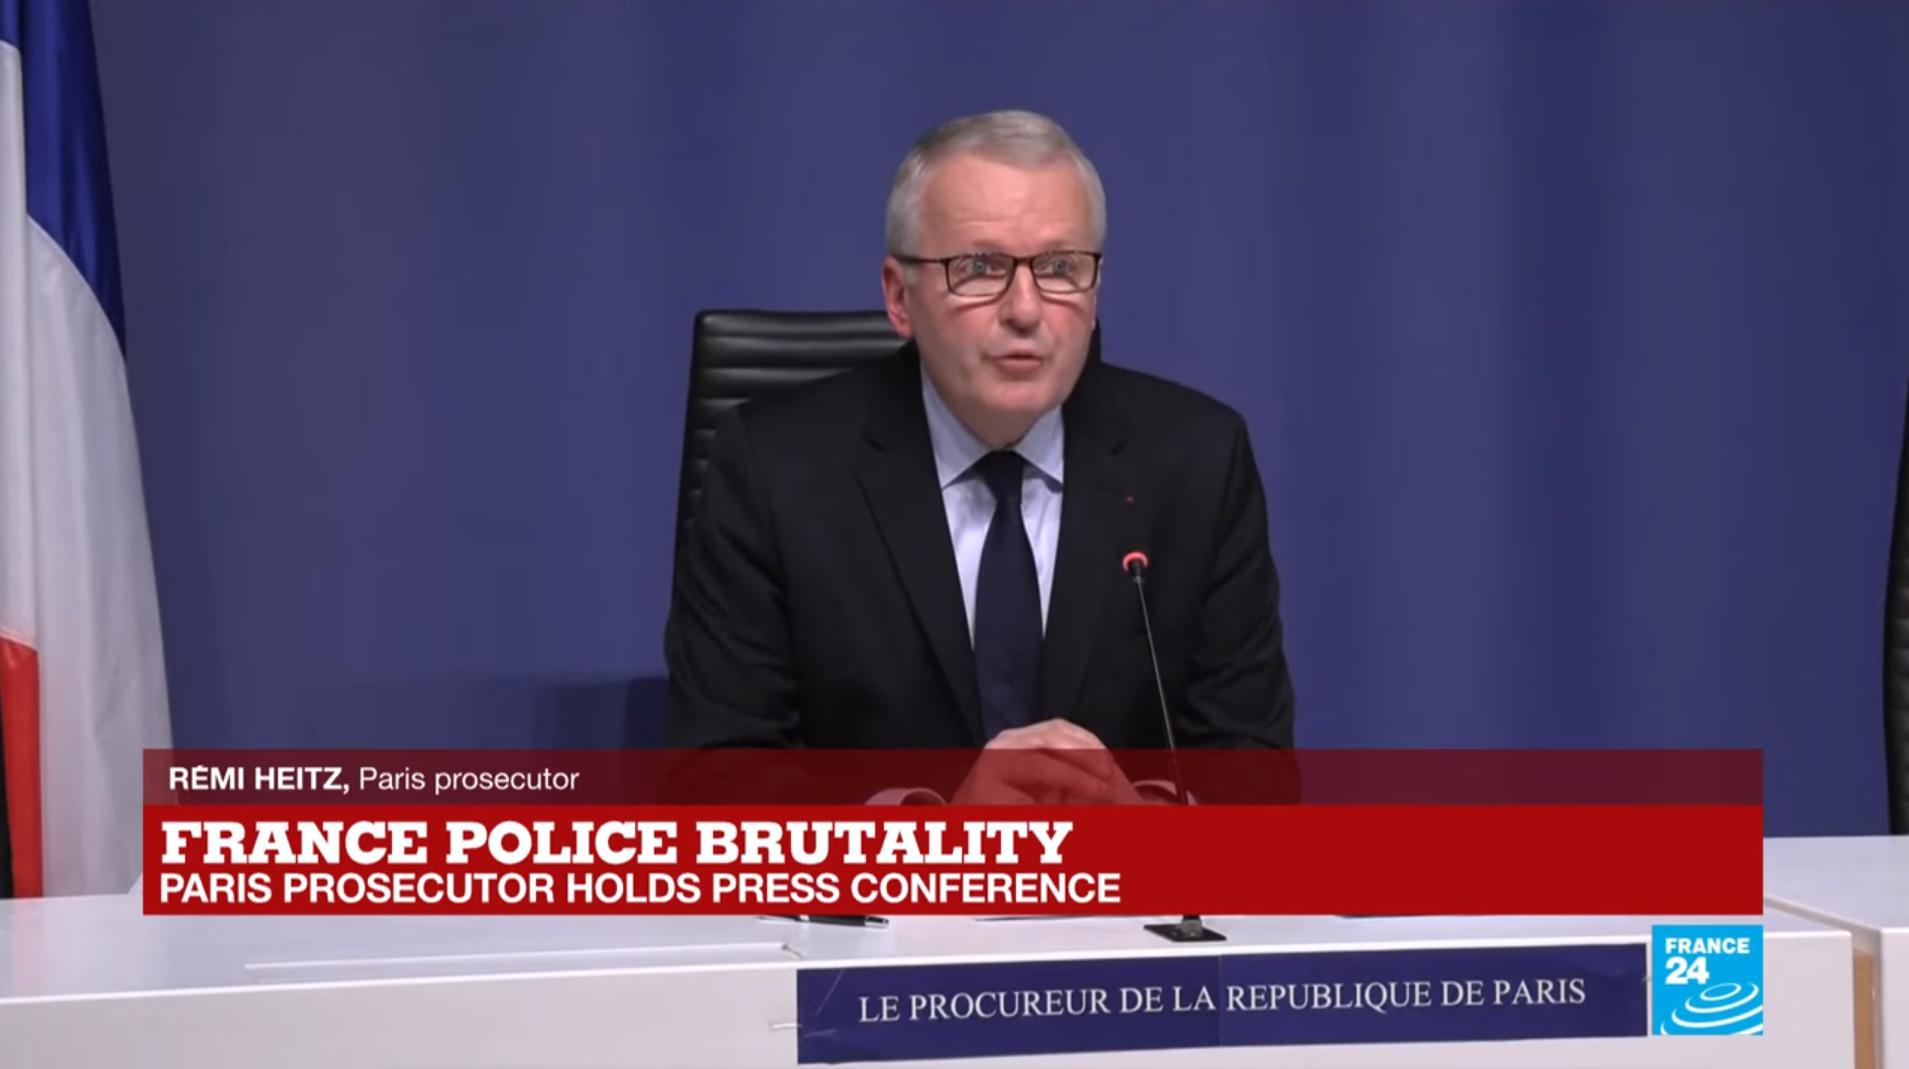 Прокурор Парижа Реми Эйц во время пресс-конференции, посвщяенной делу Мишеля Зеклера